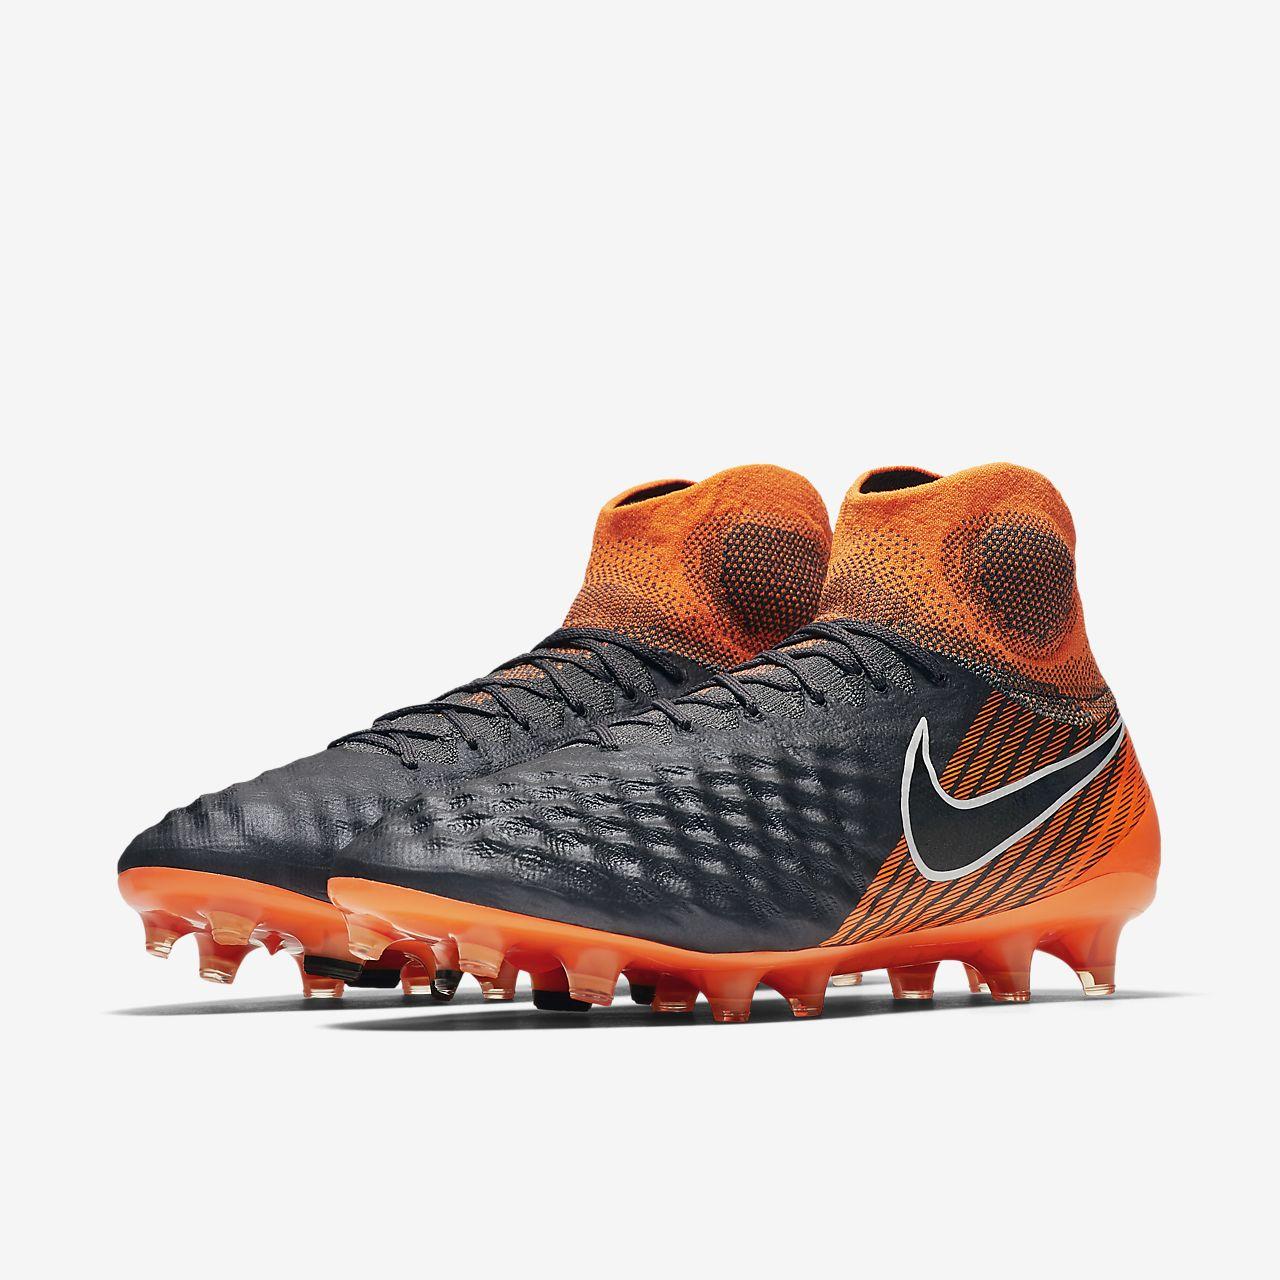 e05793a63 official store mens nike magista obra 2 club fg grey orange boot 1b64e  7ef3b  discount code for nike magista obra fg football boots fe86e 14539